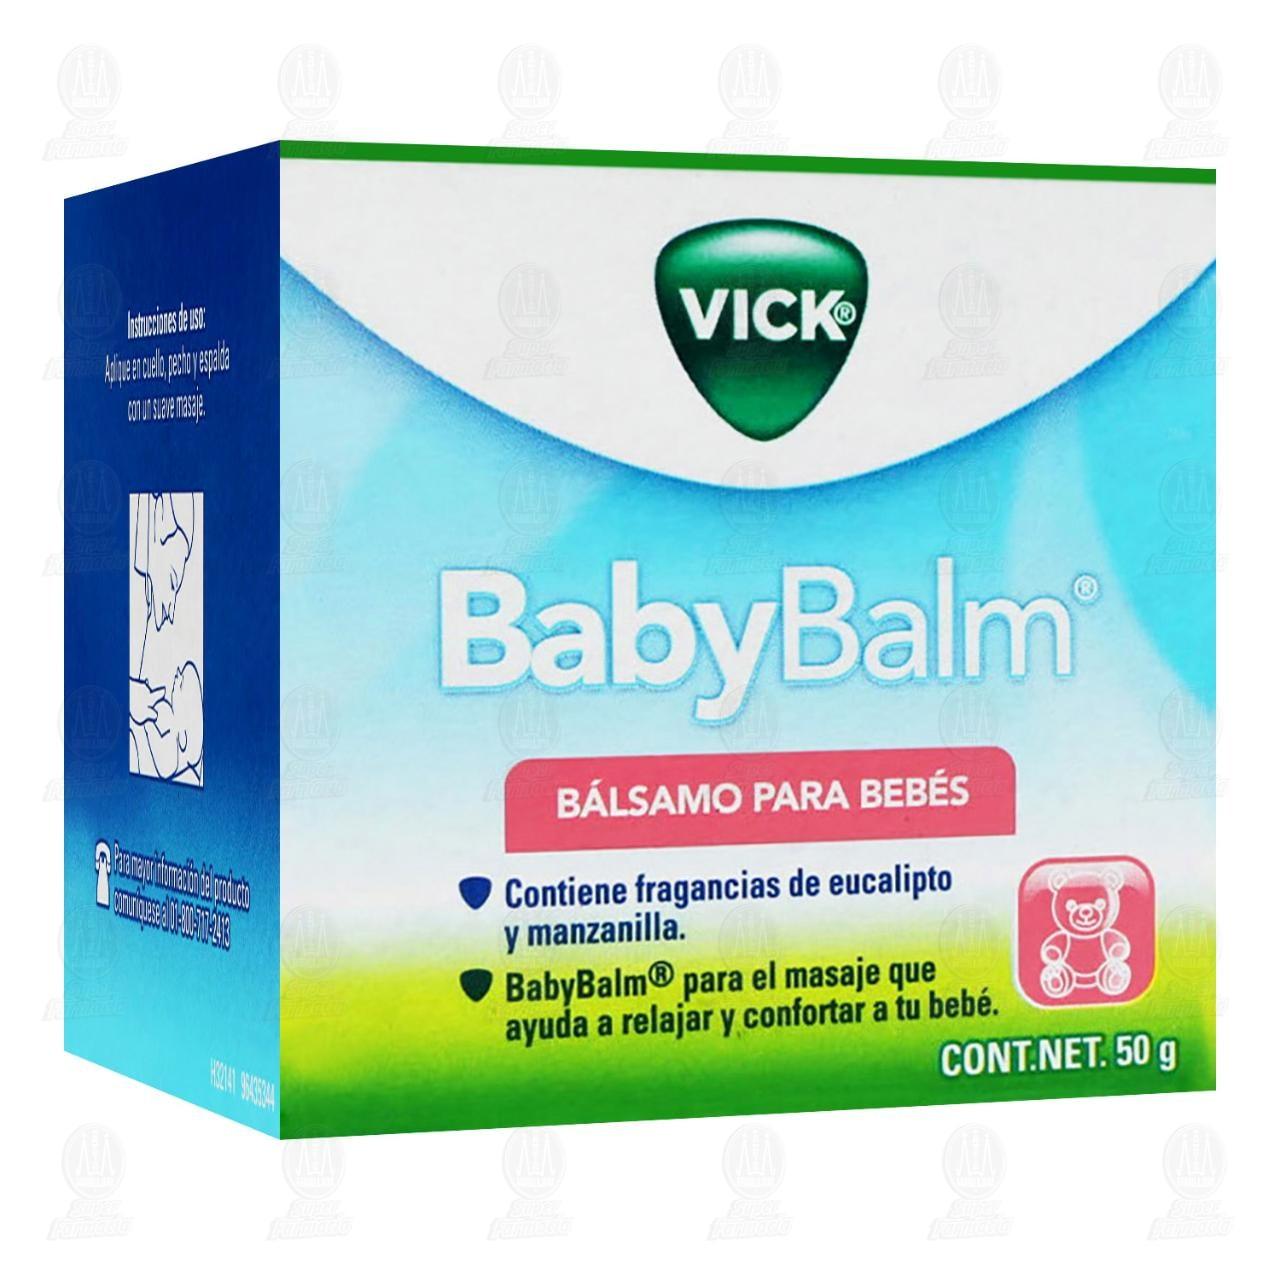 comprar https://www.movil.farmaciasguadalajara.com/wcsstore/FGCAS/wcs/products/963569_A_1280_AL.jpg en farmacias guadalajara